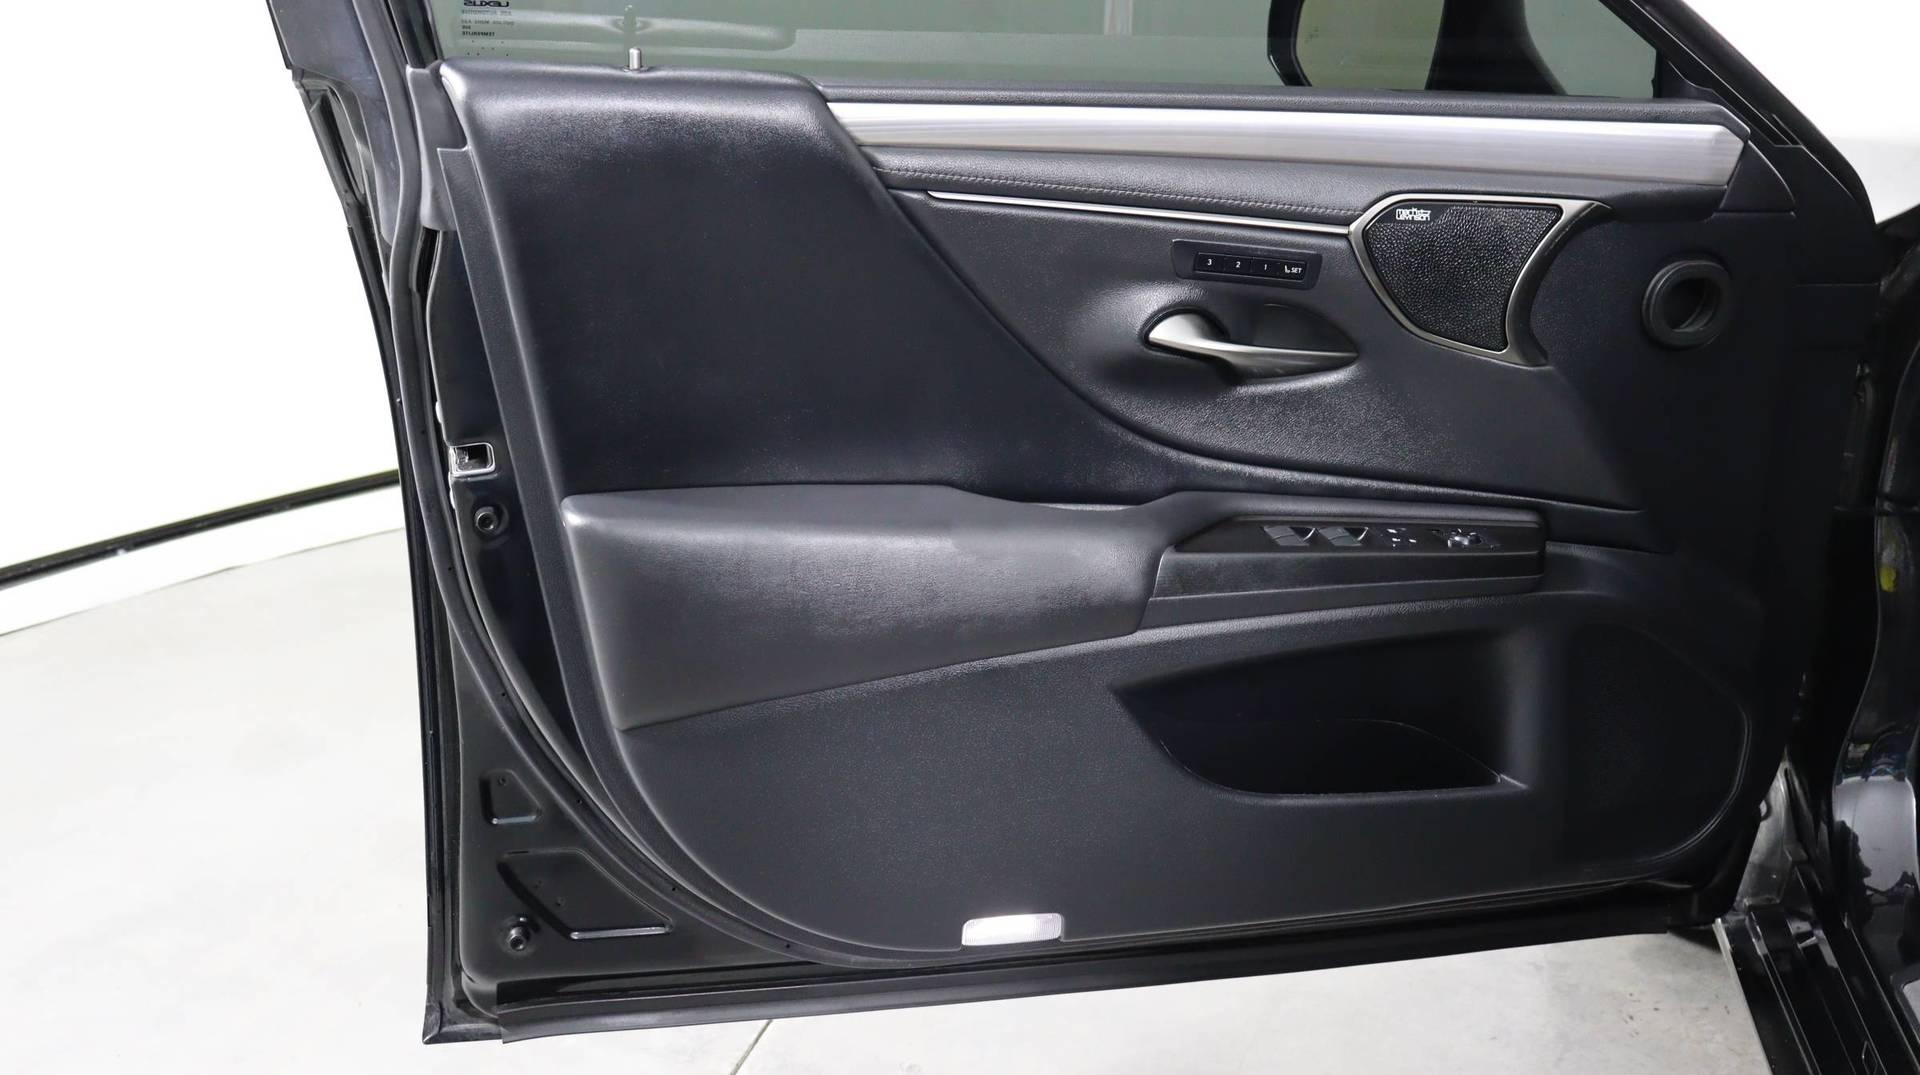 Carvix - Used vehicle - Sedan LEXUS ES 2019